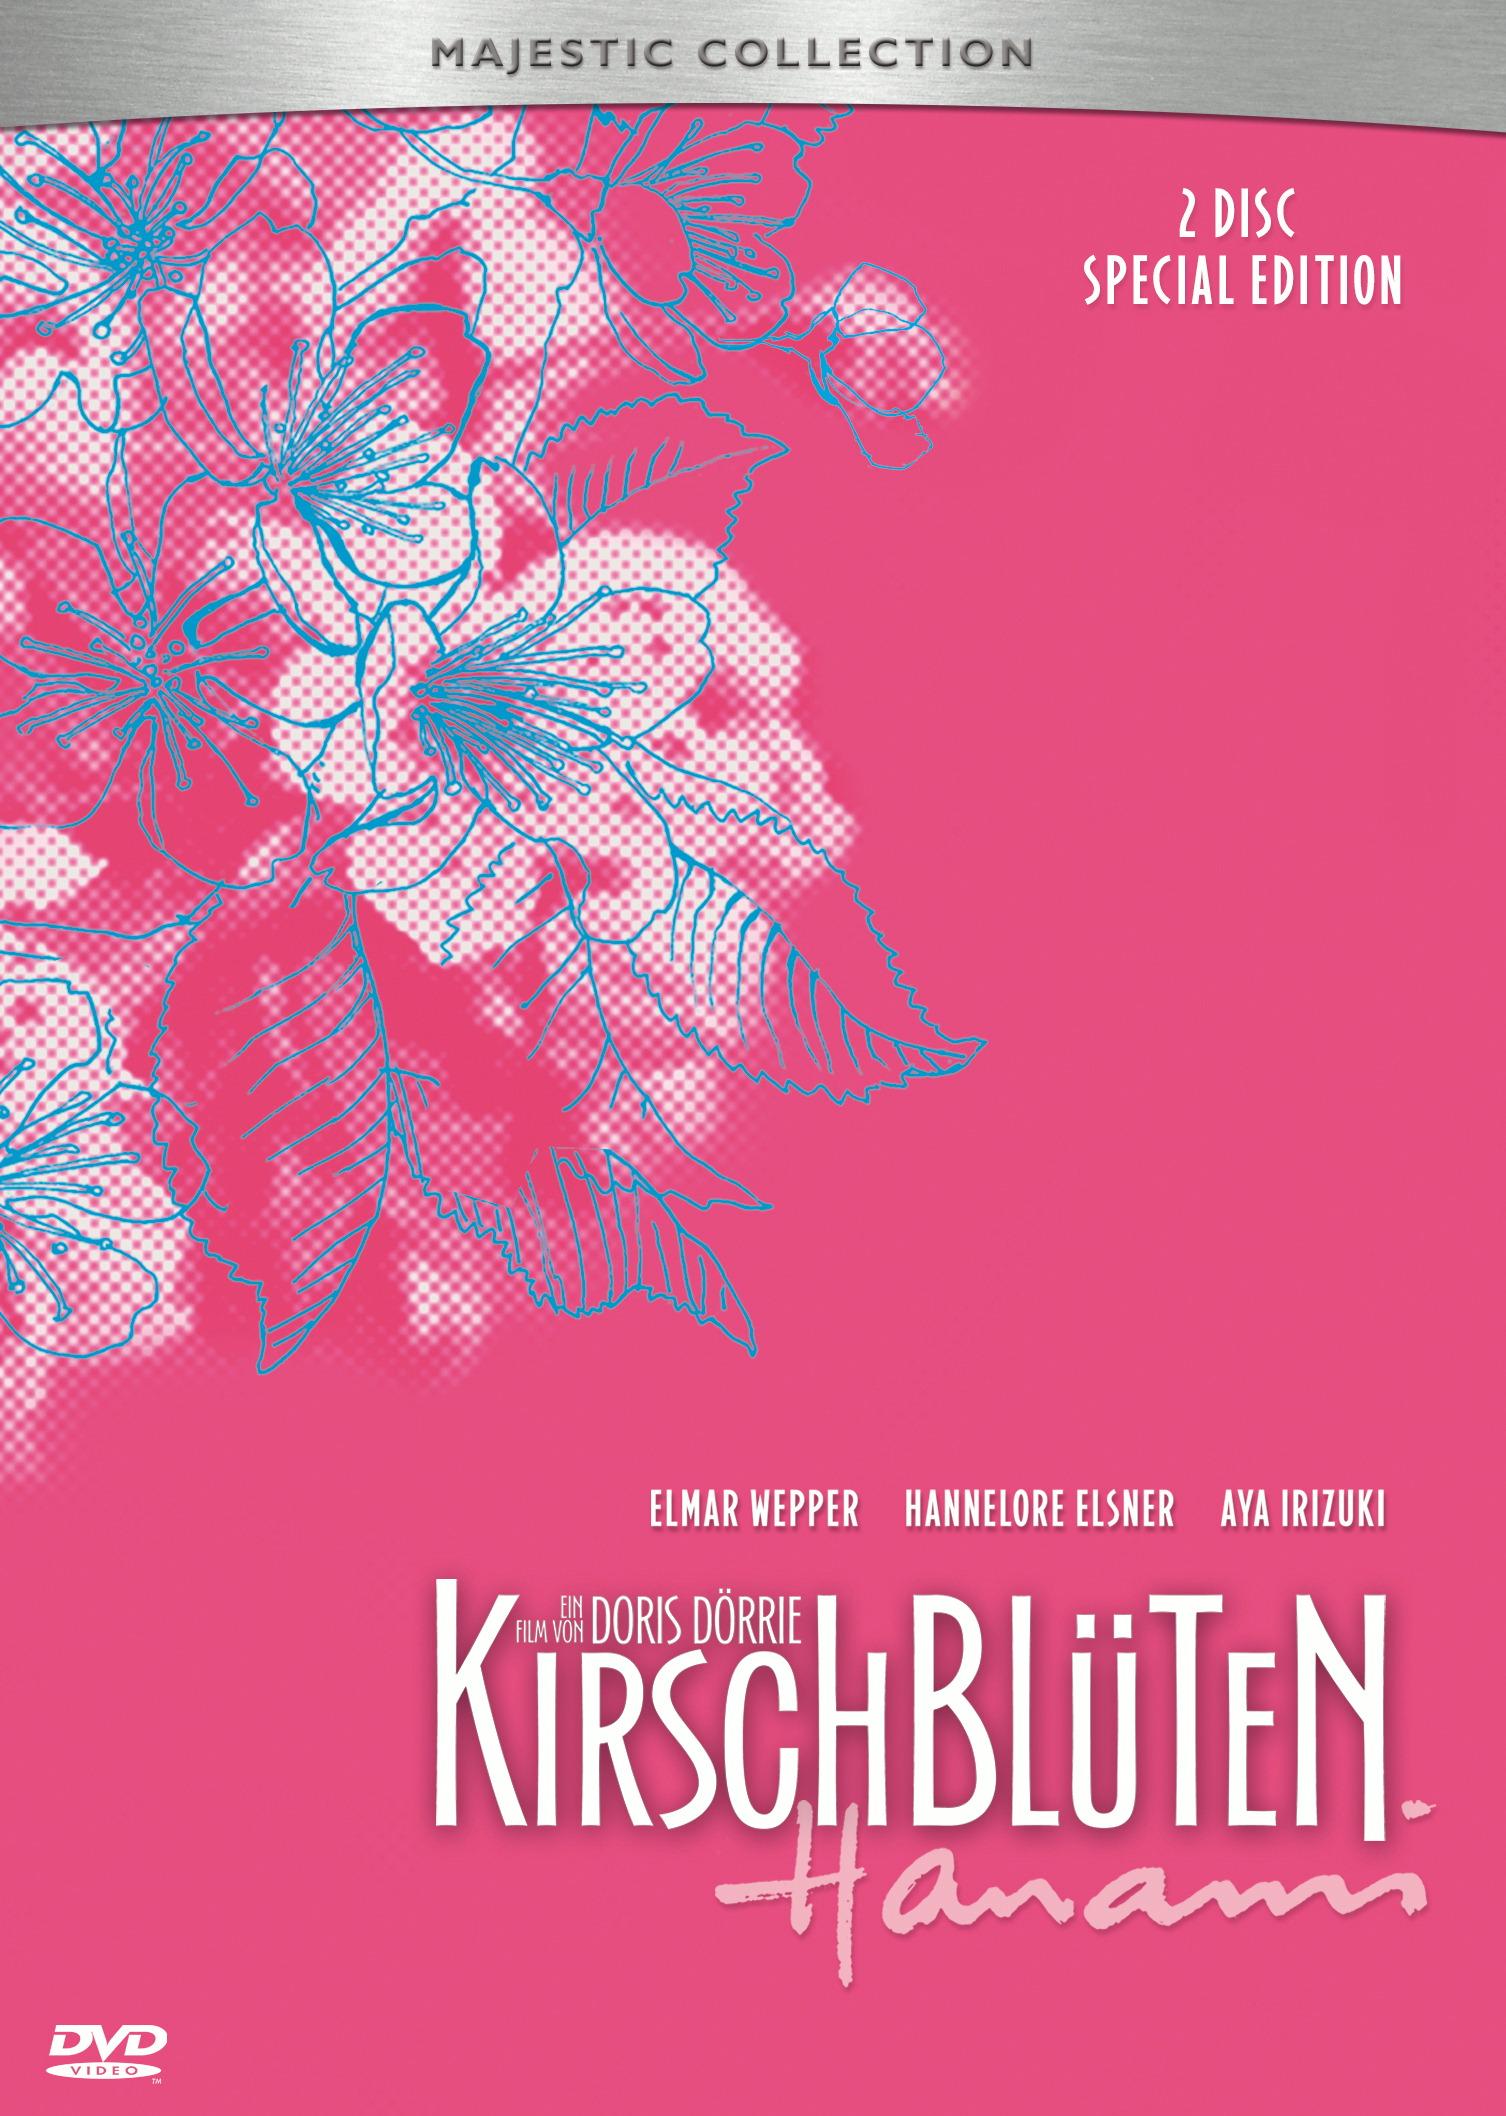 Kirschblüten - Hanami (Special Edition, 2 DVDs) Poster